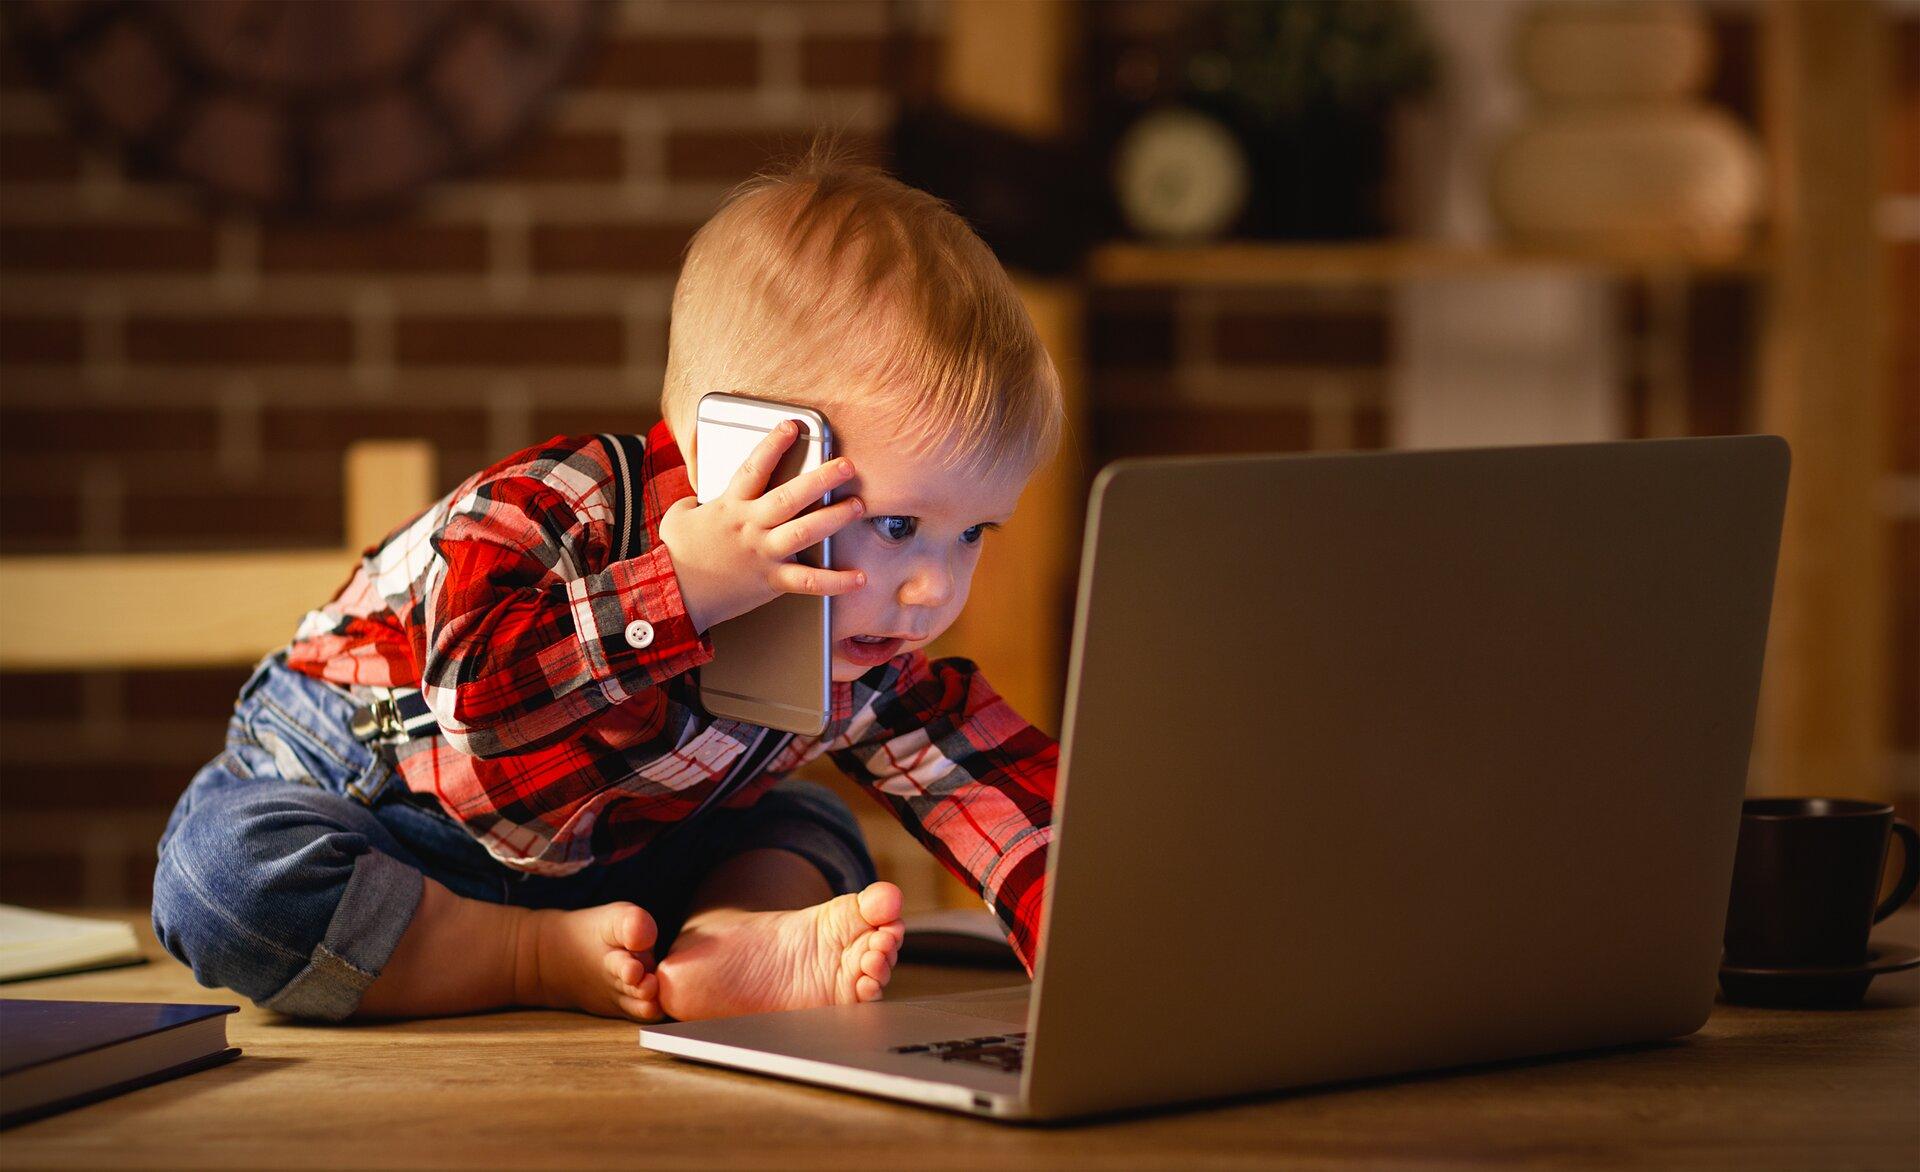 Ilustracja przedstawia dziecko wwieku przedszkolnym siedzące na stole przed otwartym laptopem. Lewą ręką klika wklawiaturę, wprawej ręce, przy uchu, trzyma telefon komórkowy.